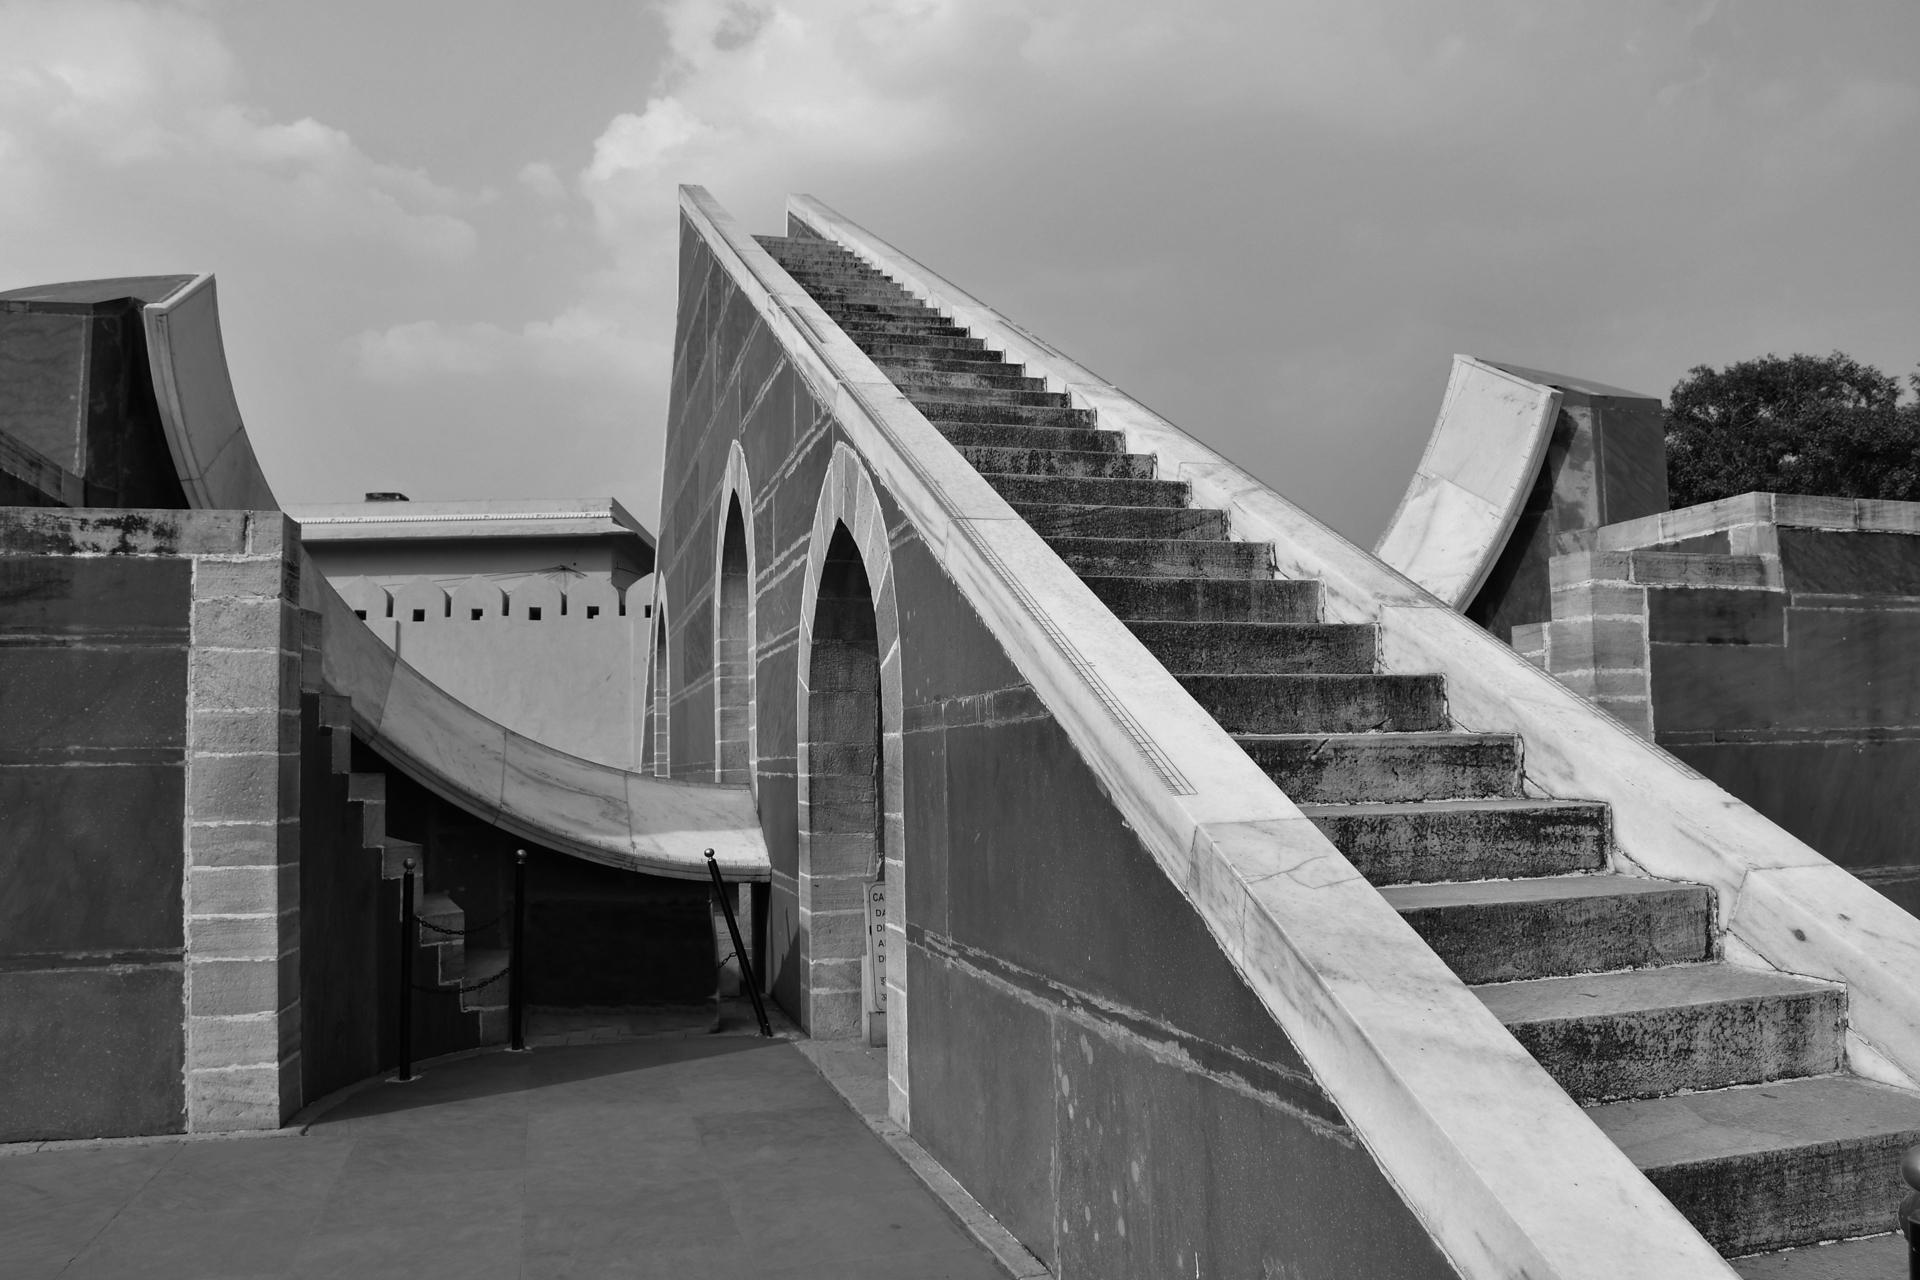 הודו – ג'איפור - סולם יעקב - גאנטאר מנטאר * Jantar Mantar- יואל שתרוג - אדמה יוצרת - yoel sitruk